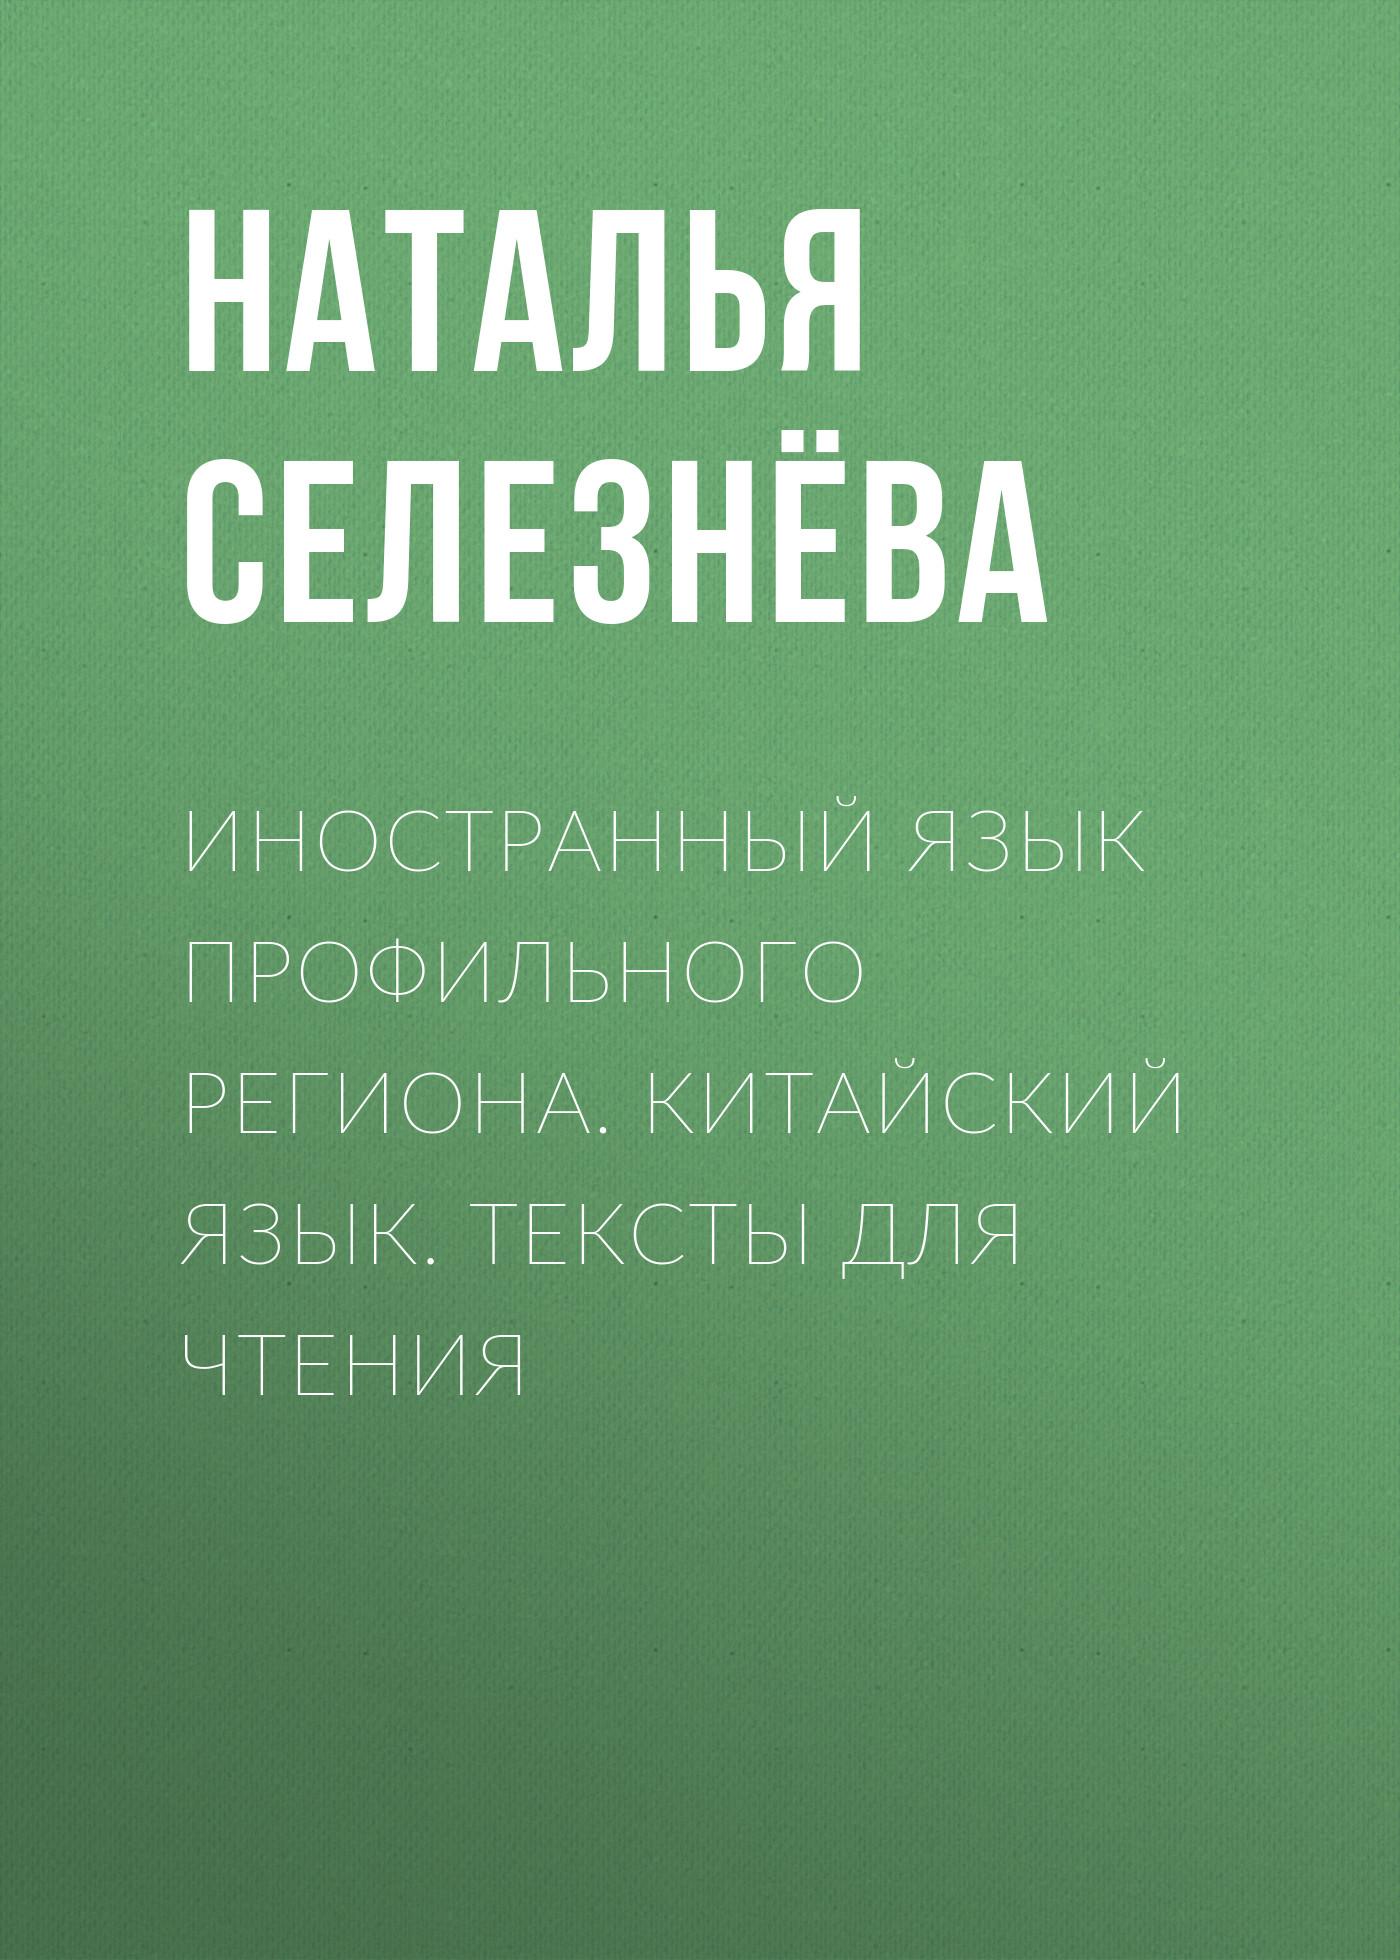 цены Наталья Селезнёва Иностранный язык профильного региона. Китайский язык. Тексты для чтения